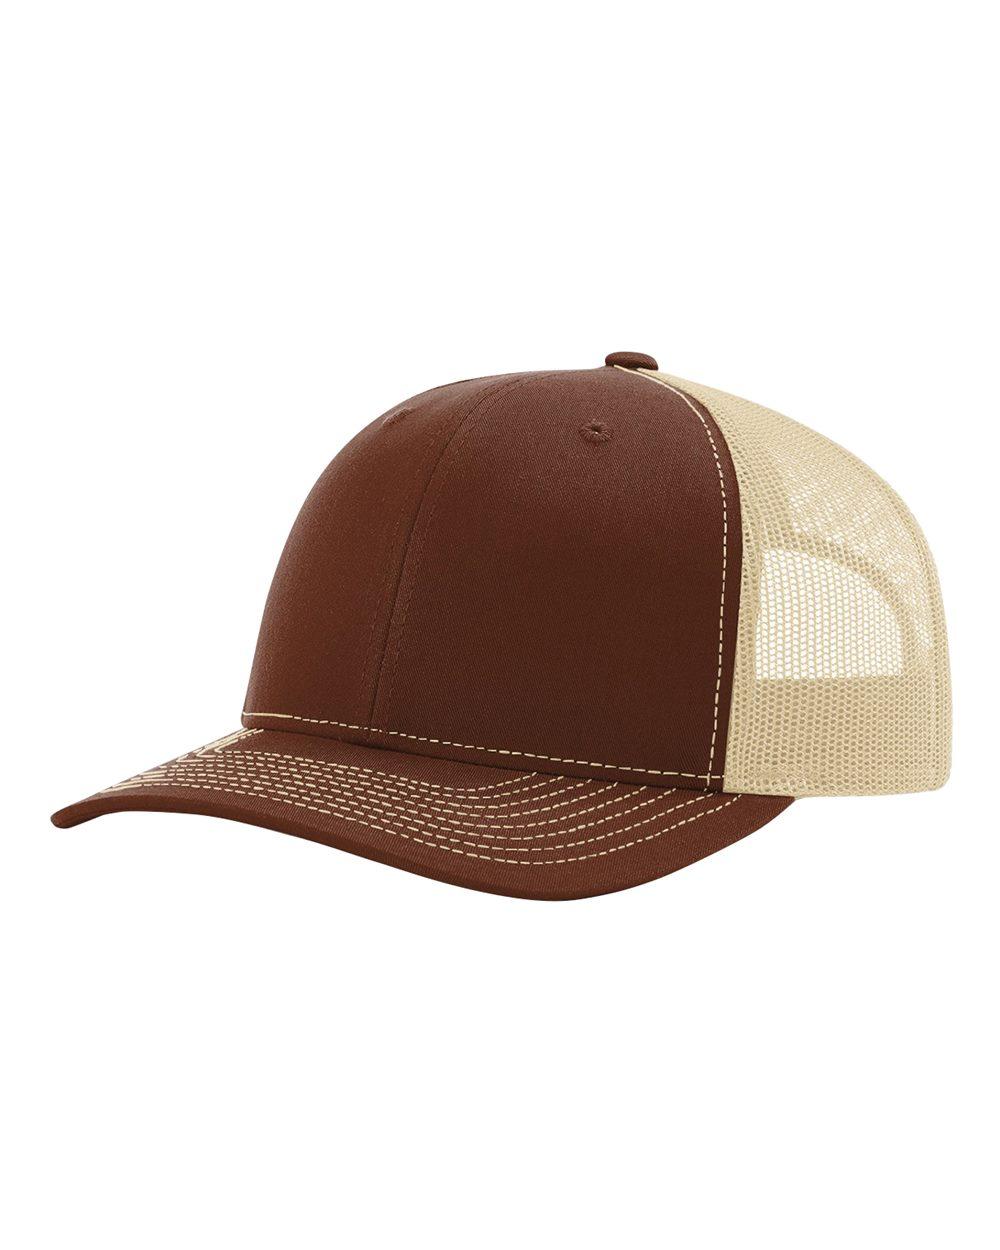 Brown/Khaki